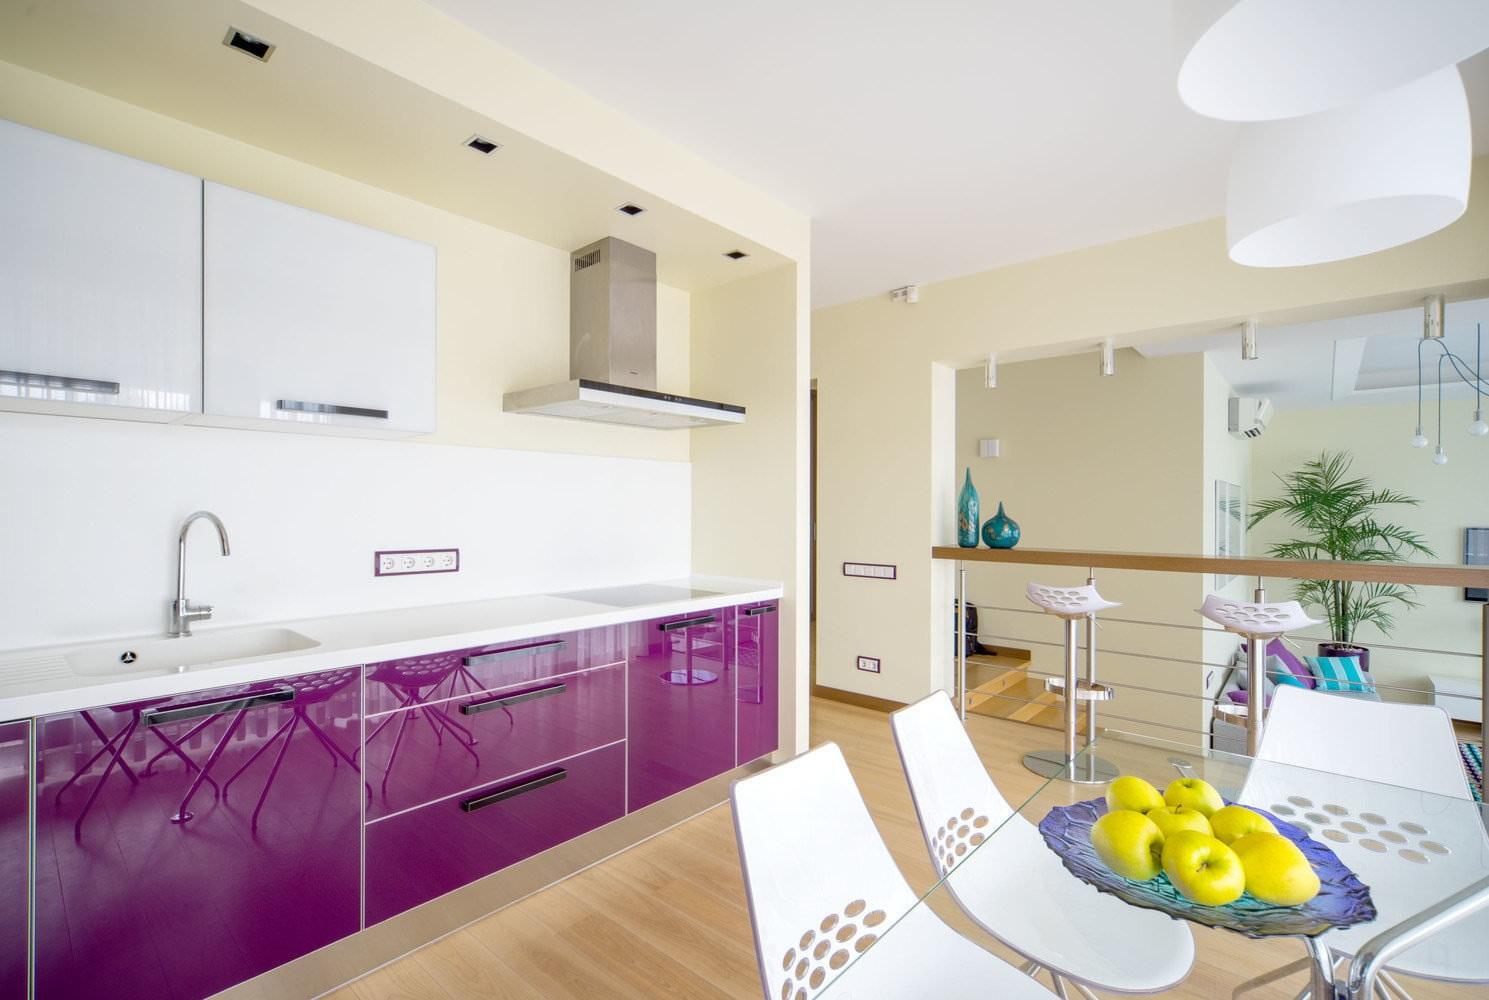 стеклянный стол на фиолетовой кухне